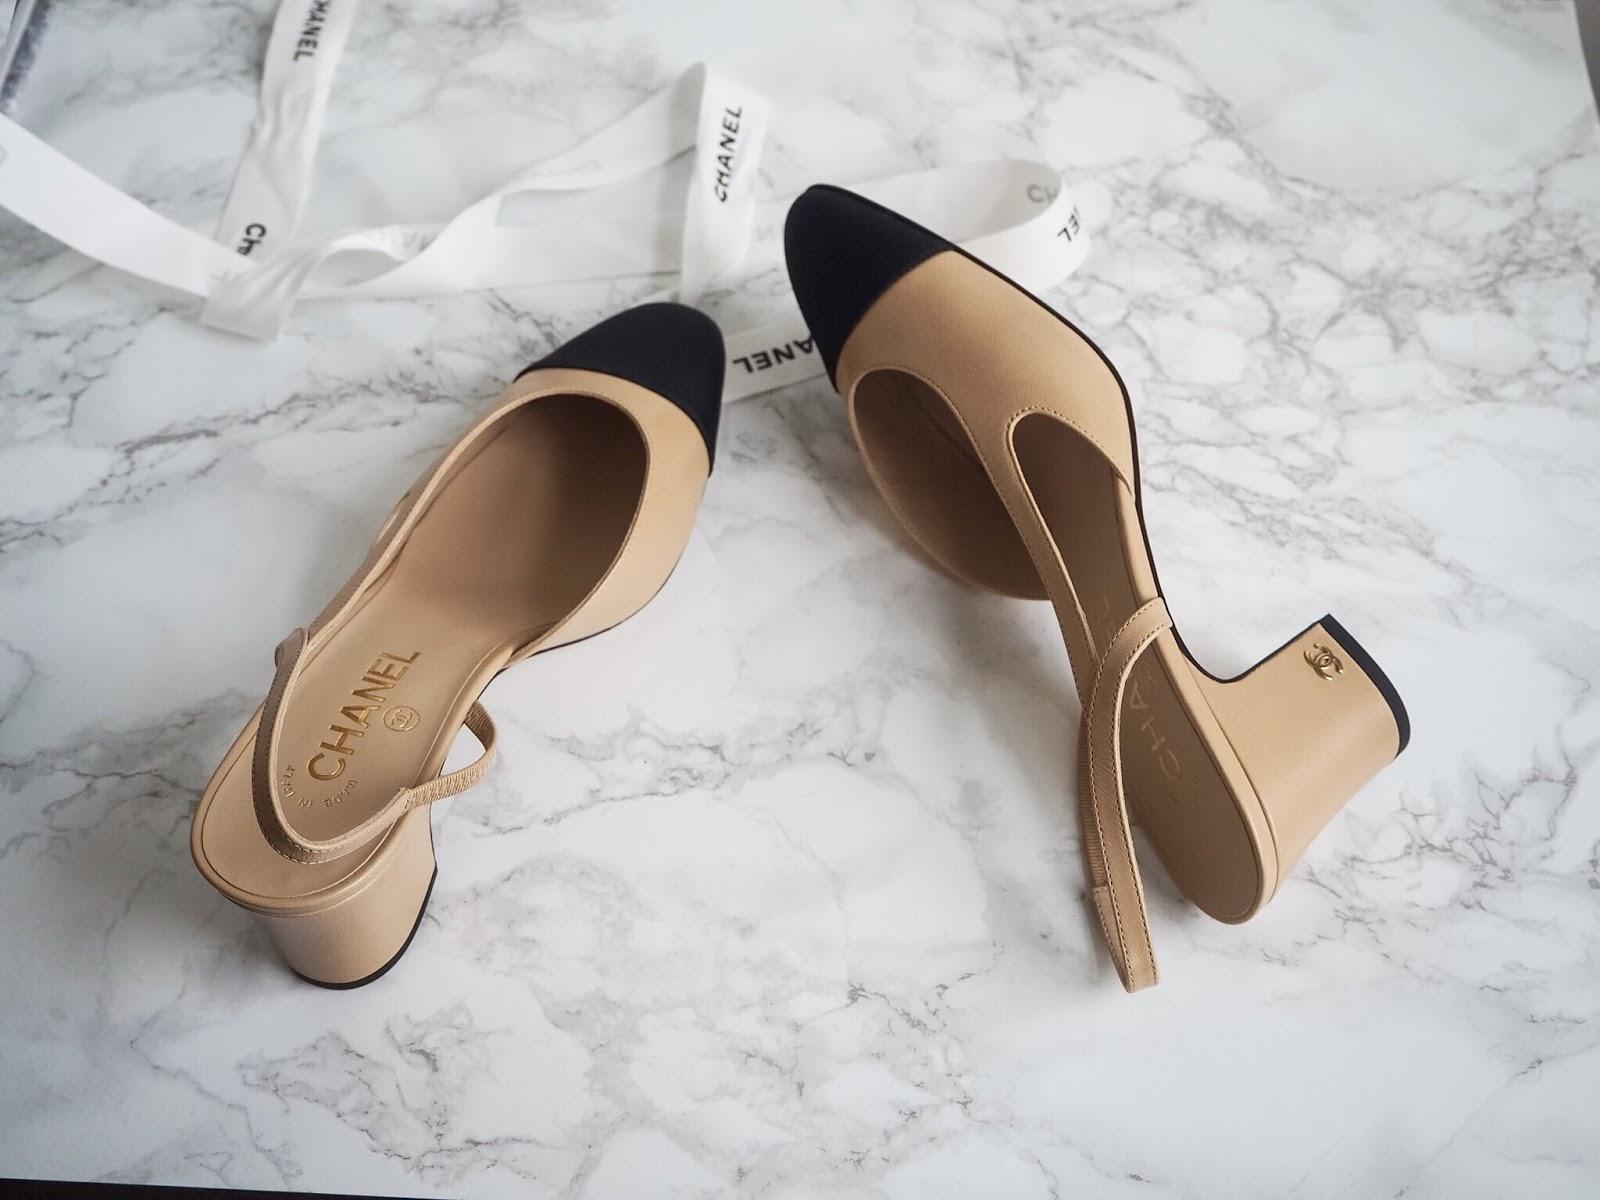 Pieces Shoes Review